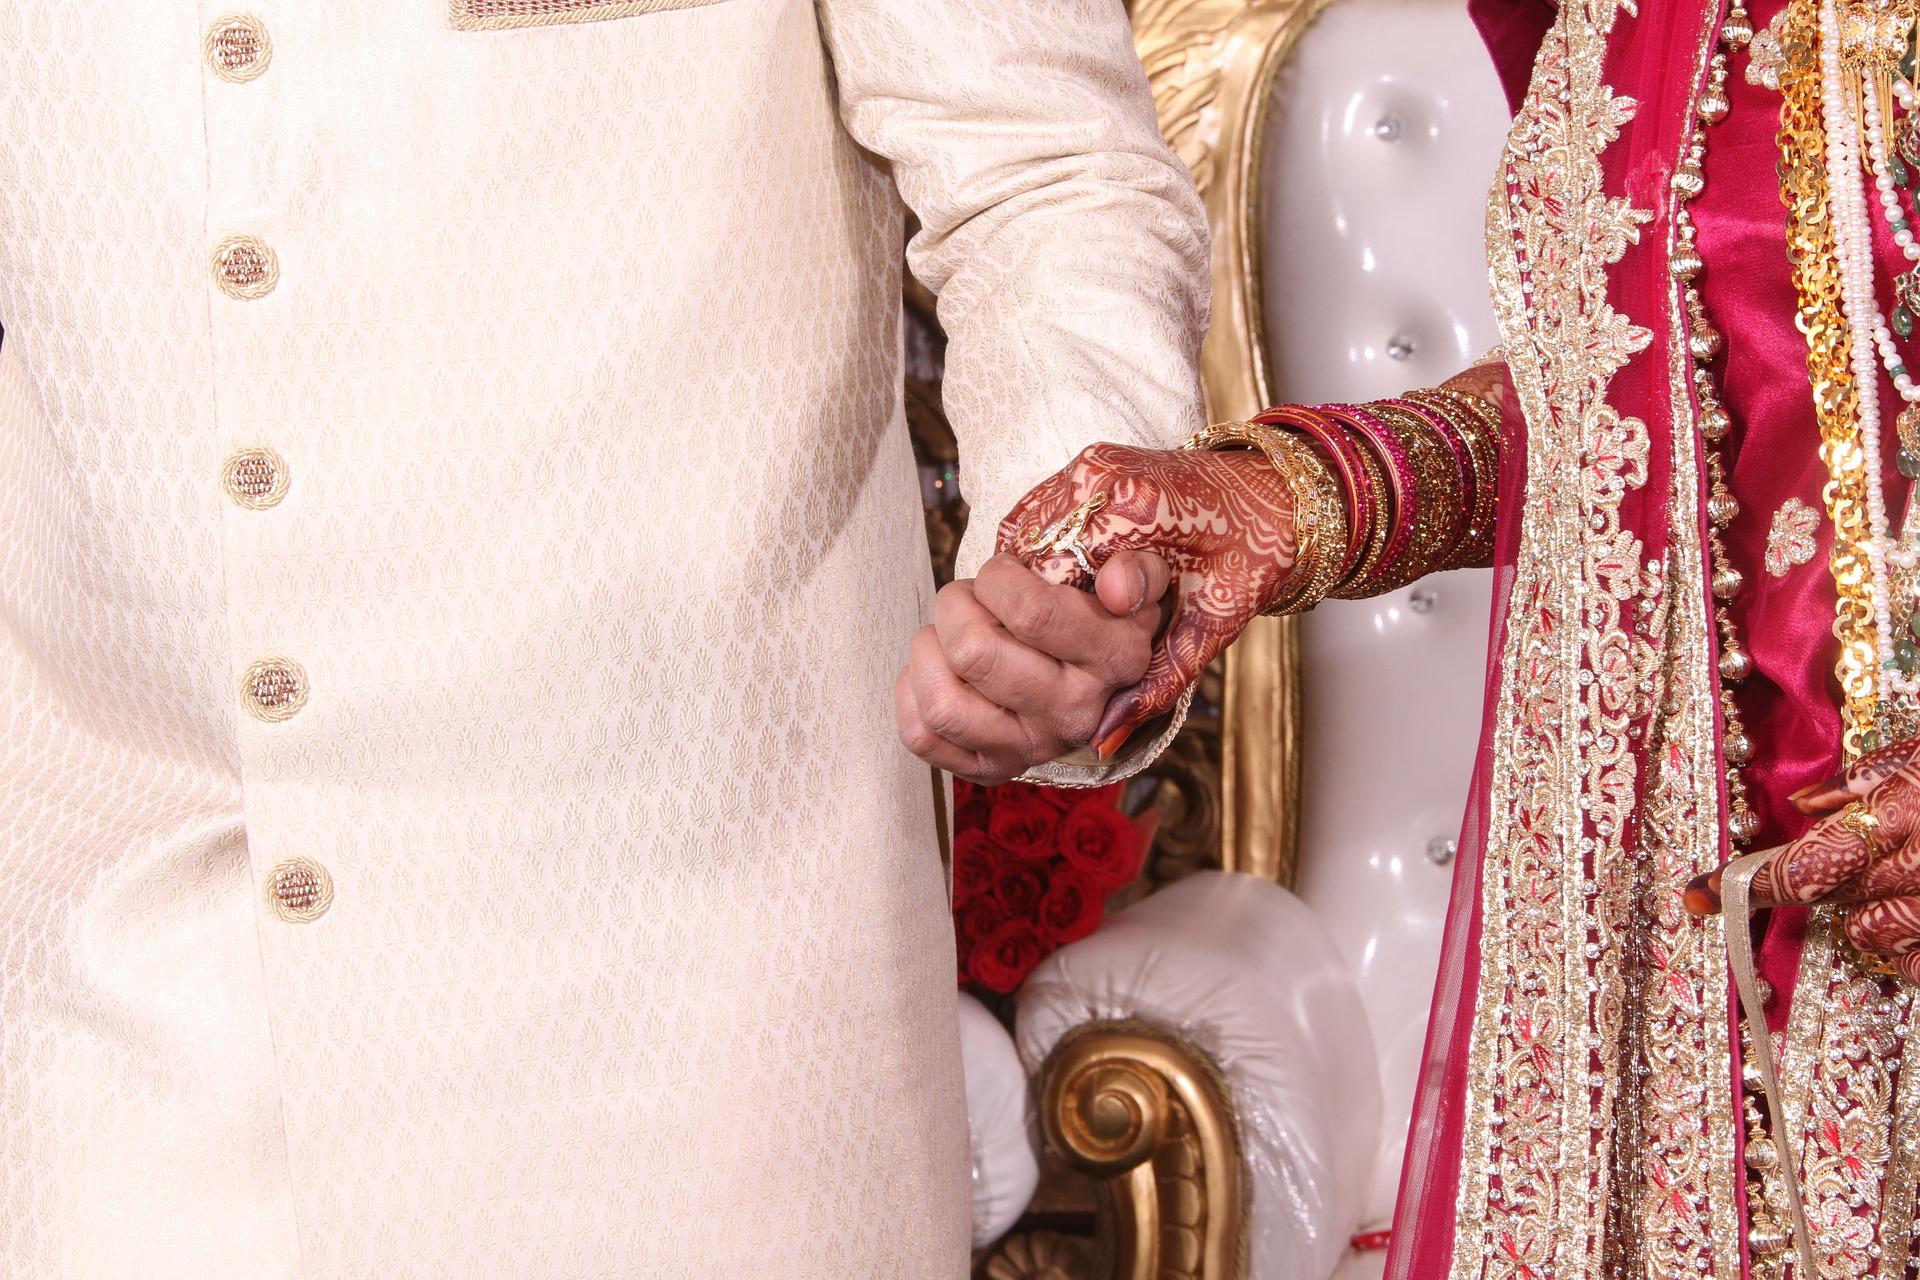 How to Get Court Marriage in India | भारत में कोर्ट मैरिज की प्रक्रिया